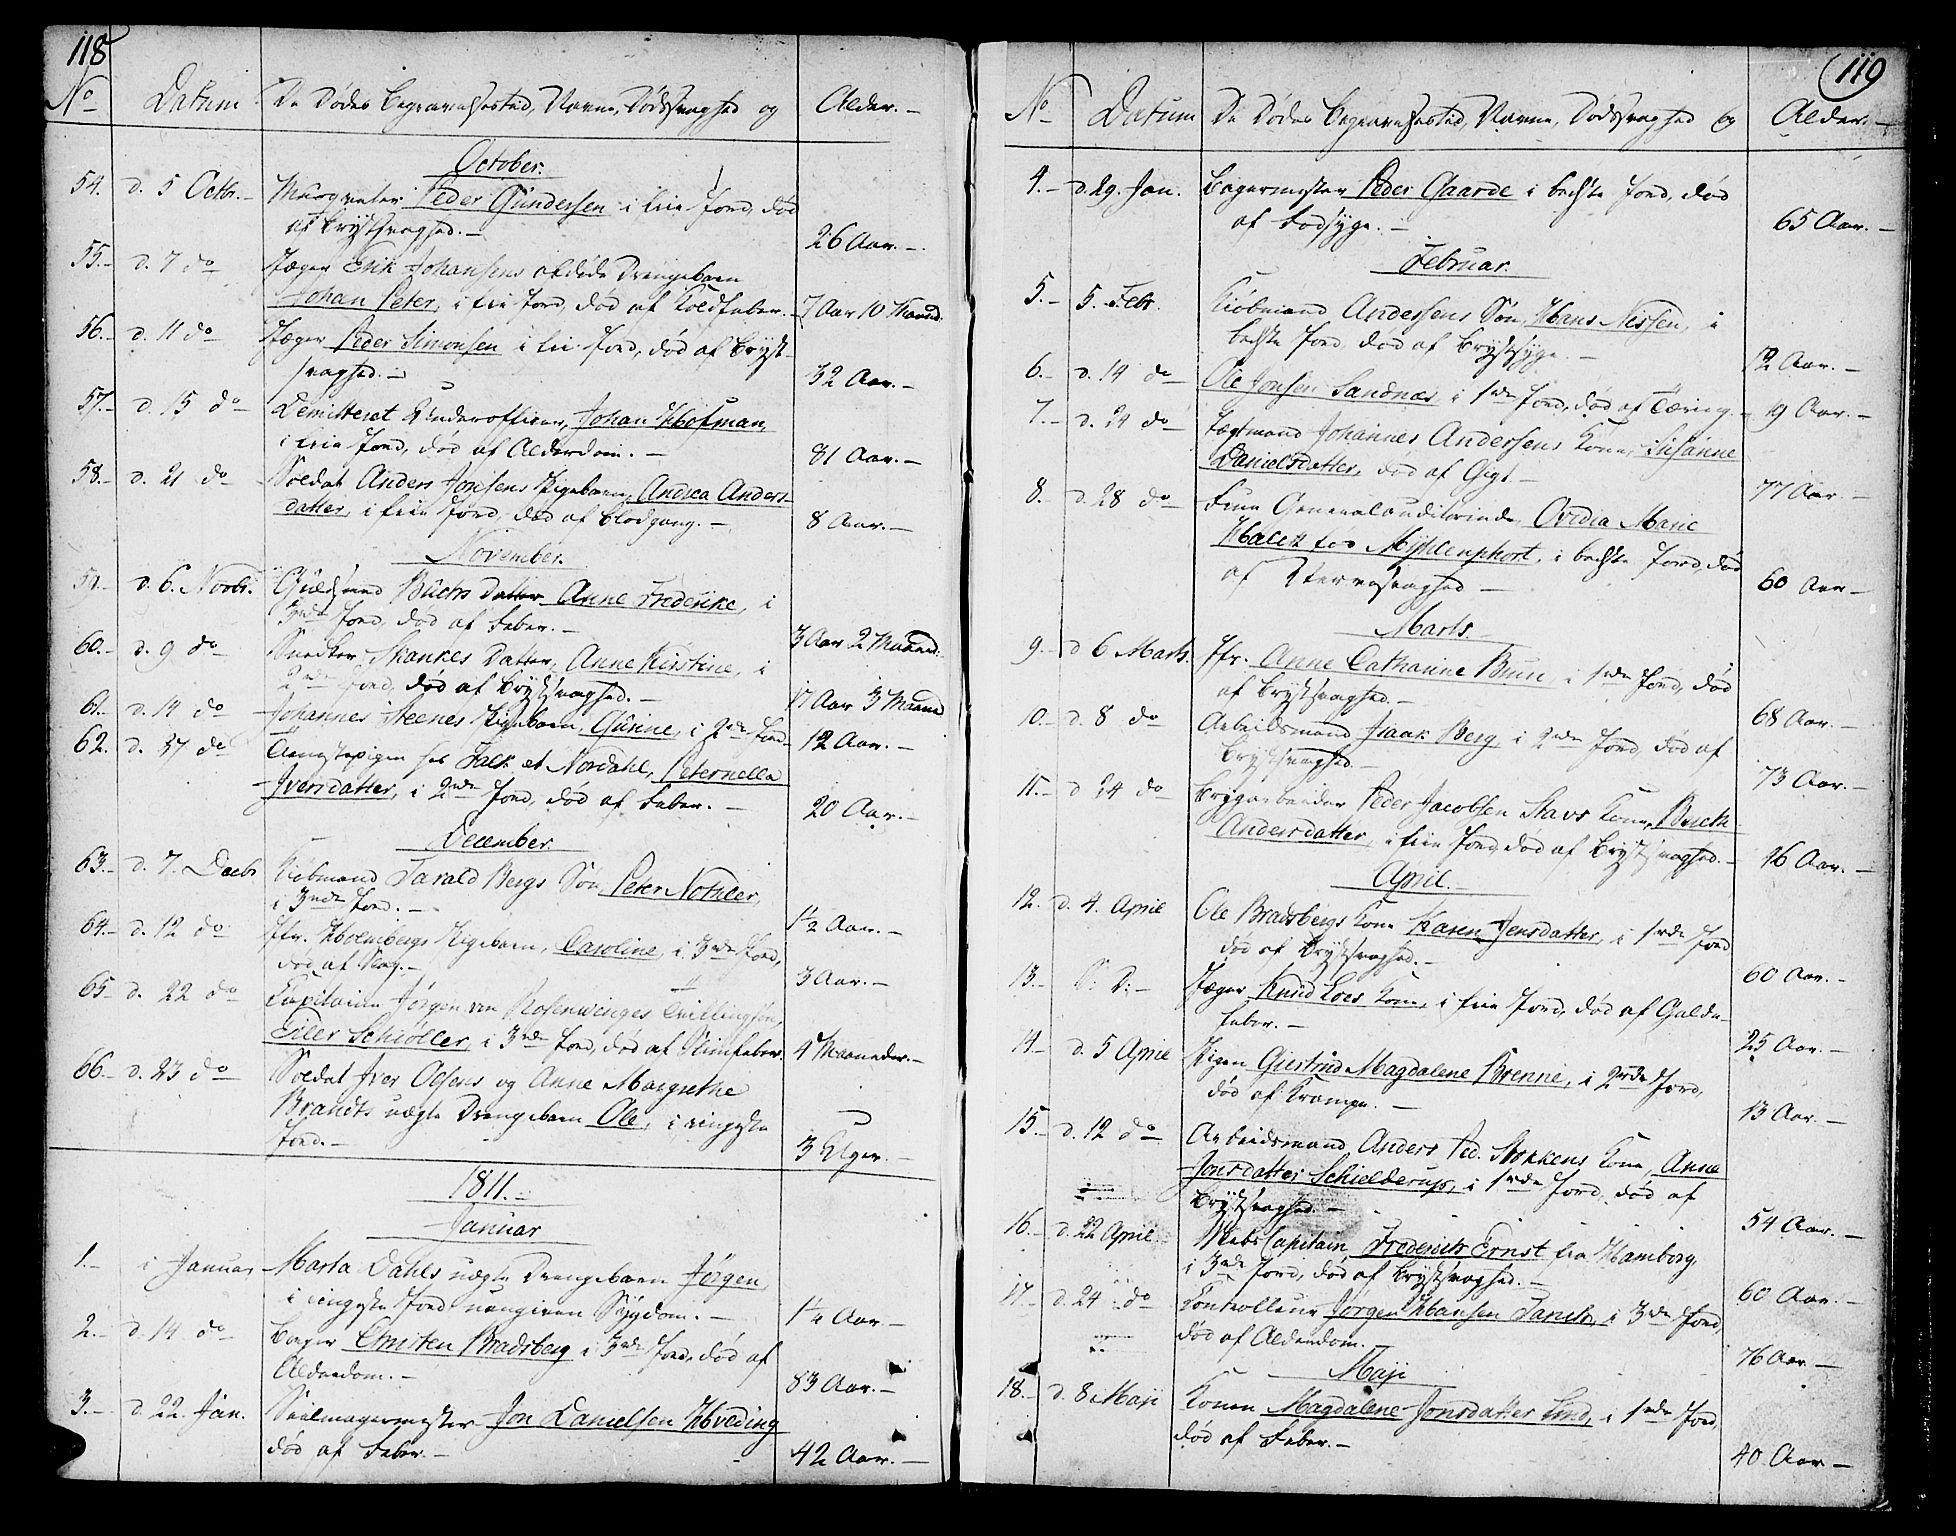 SAT, Ministerialprotokoller, klokkerbøker og fødselsregistre - Sør-Trøndelag, 602/L0106: Ministerialbok nr. 602A04, 1774-1814, s. 118-119